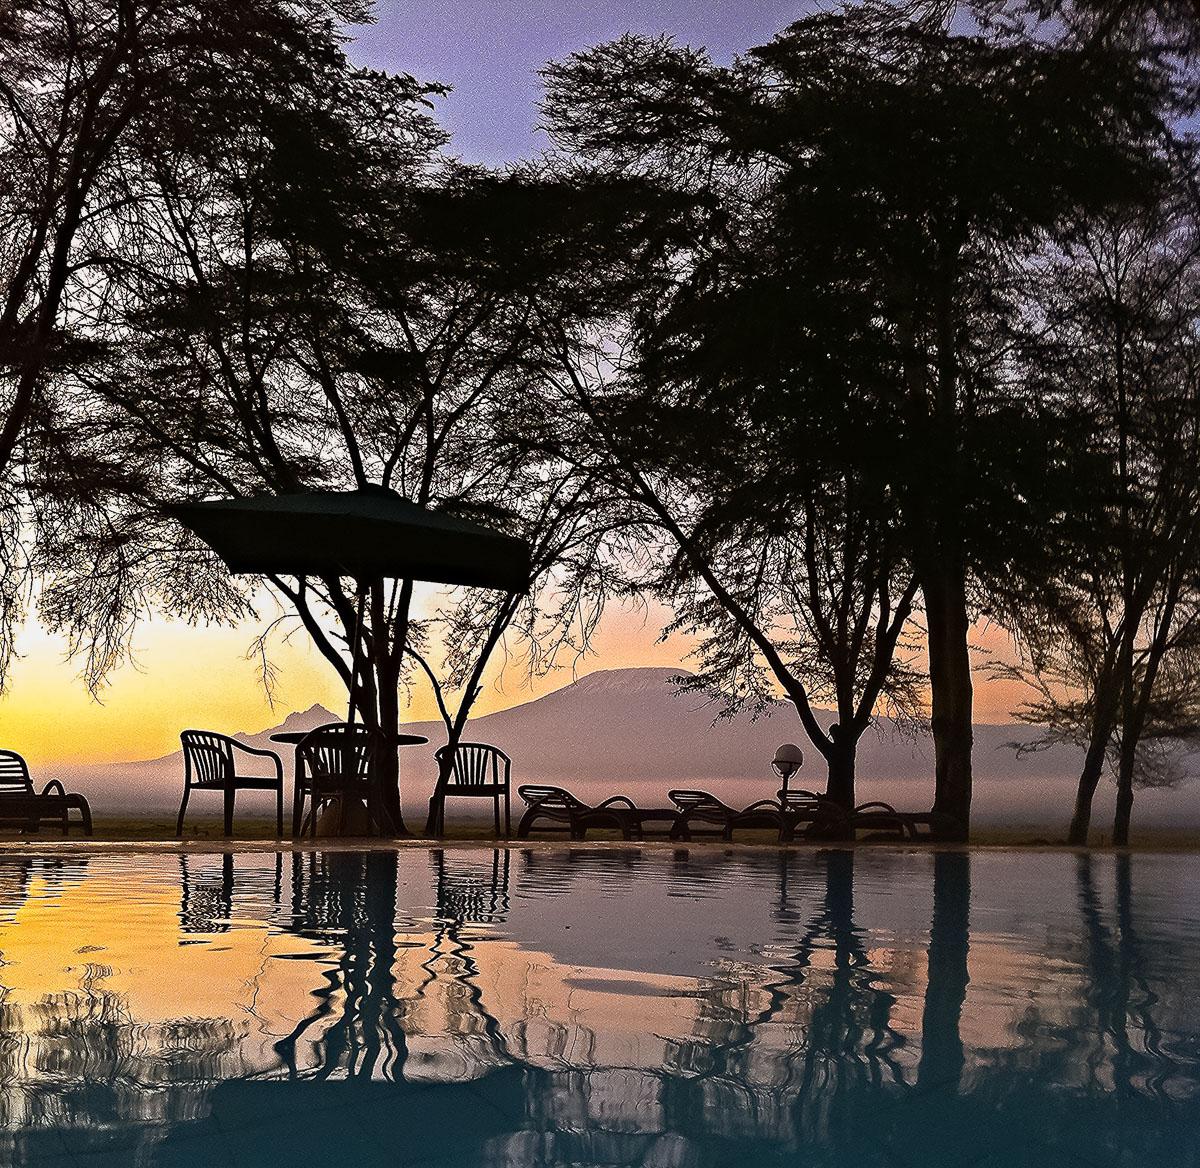 Amboseli, Kenia, Lanschaft, Wolken, Afrika, Nature, Nikon, D750, Objektiv AF-S NIKKOR 20 mm 1:1,8G ED, Safari, Ol Tukai Lodge, Sunset, Kilimanjaro